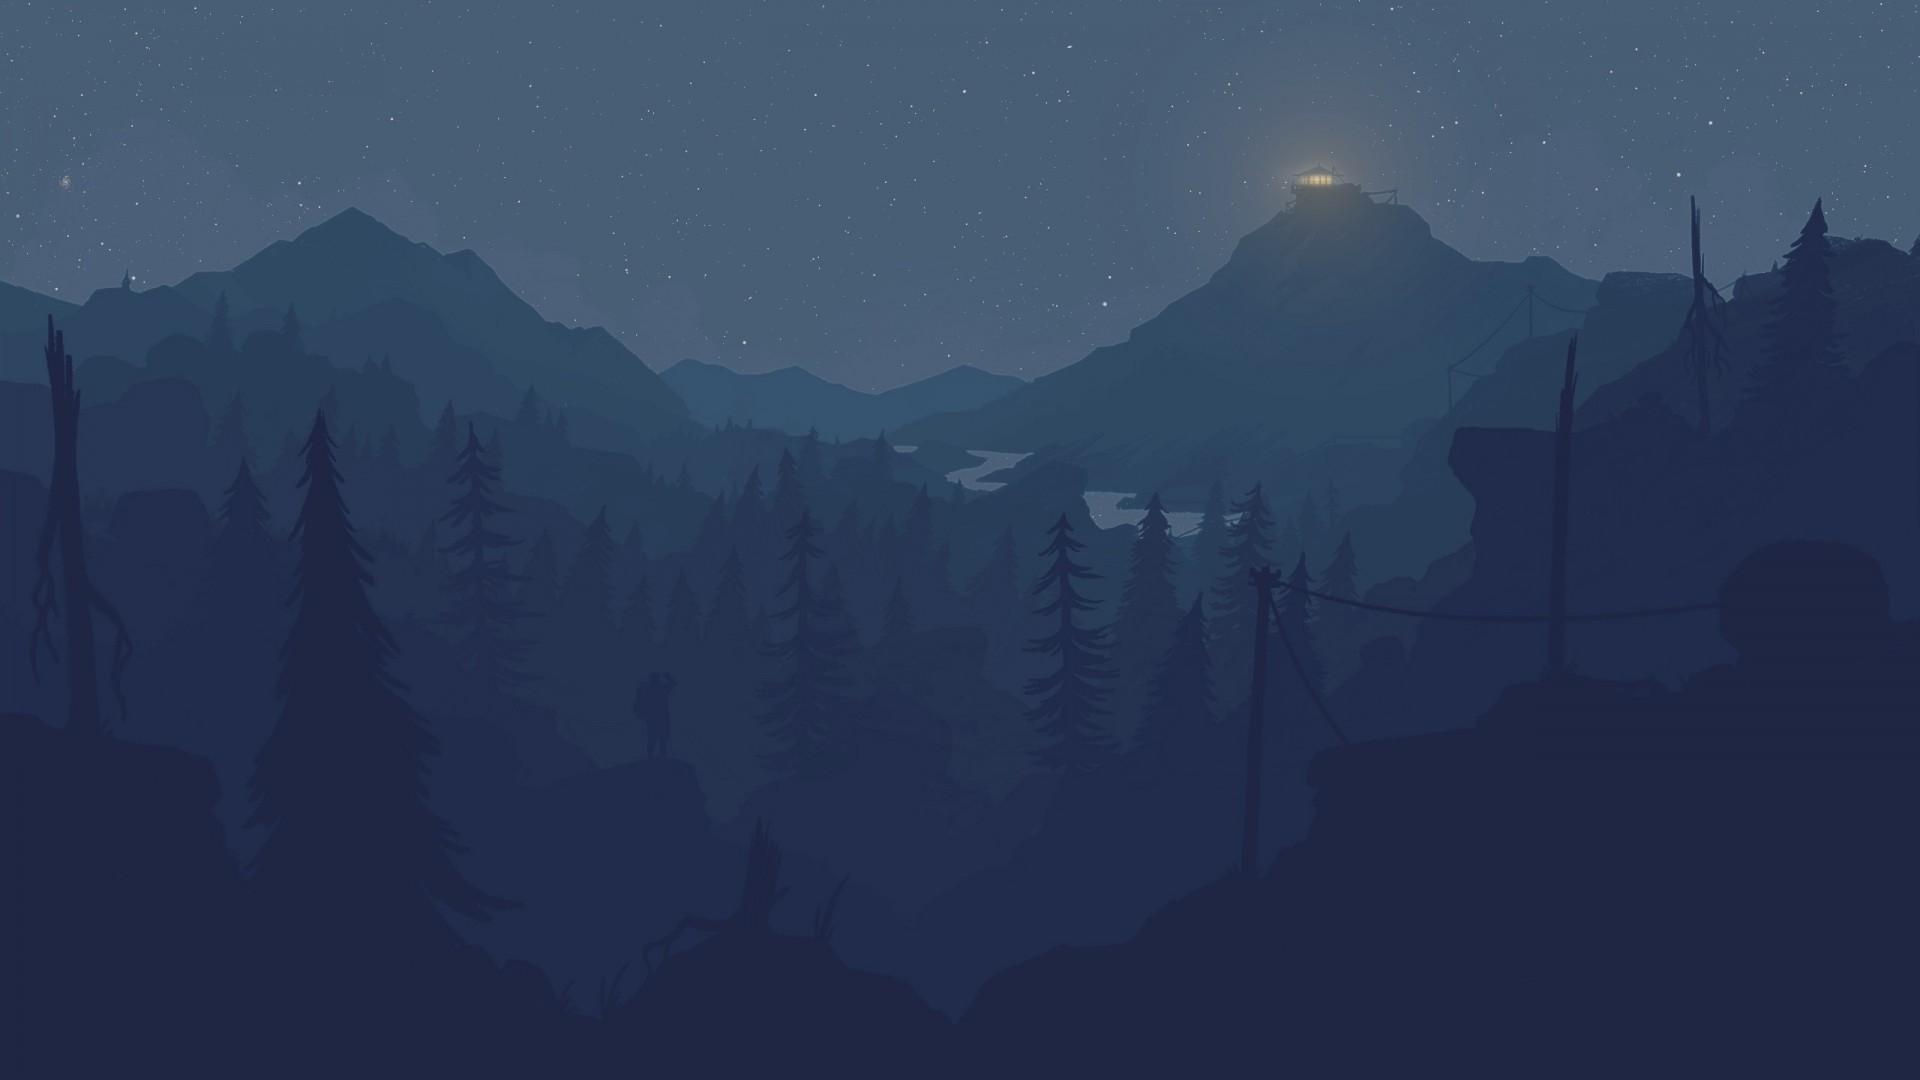 firewatch wallpaper,sky,blue,atmospheric phenomenon,mountainous landforms,mountain